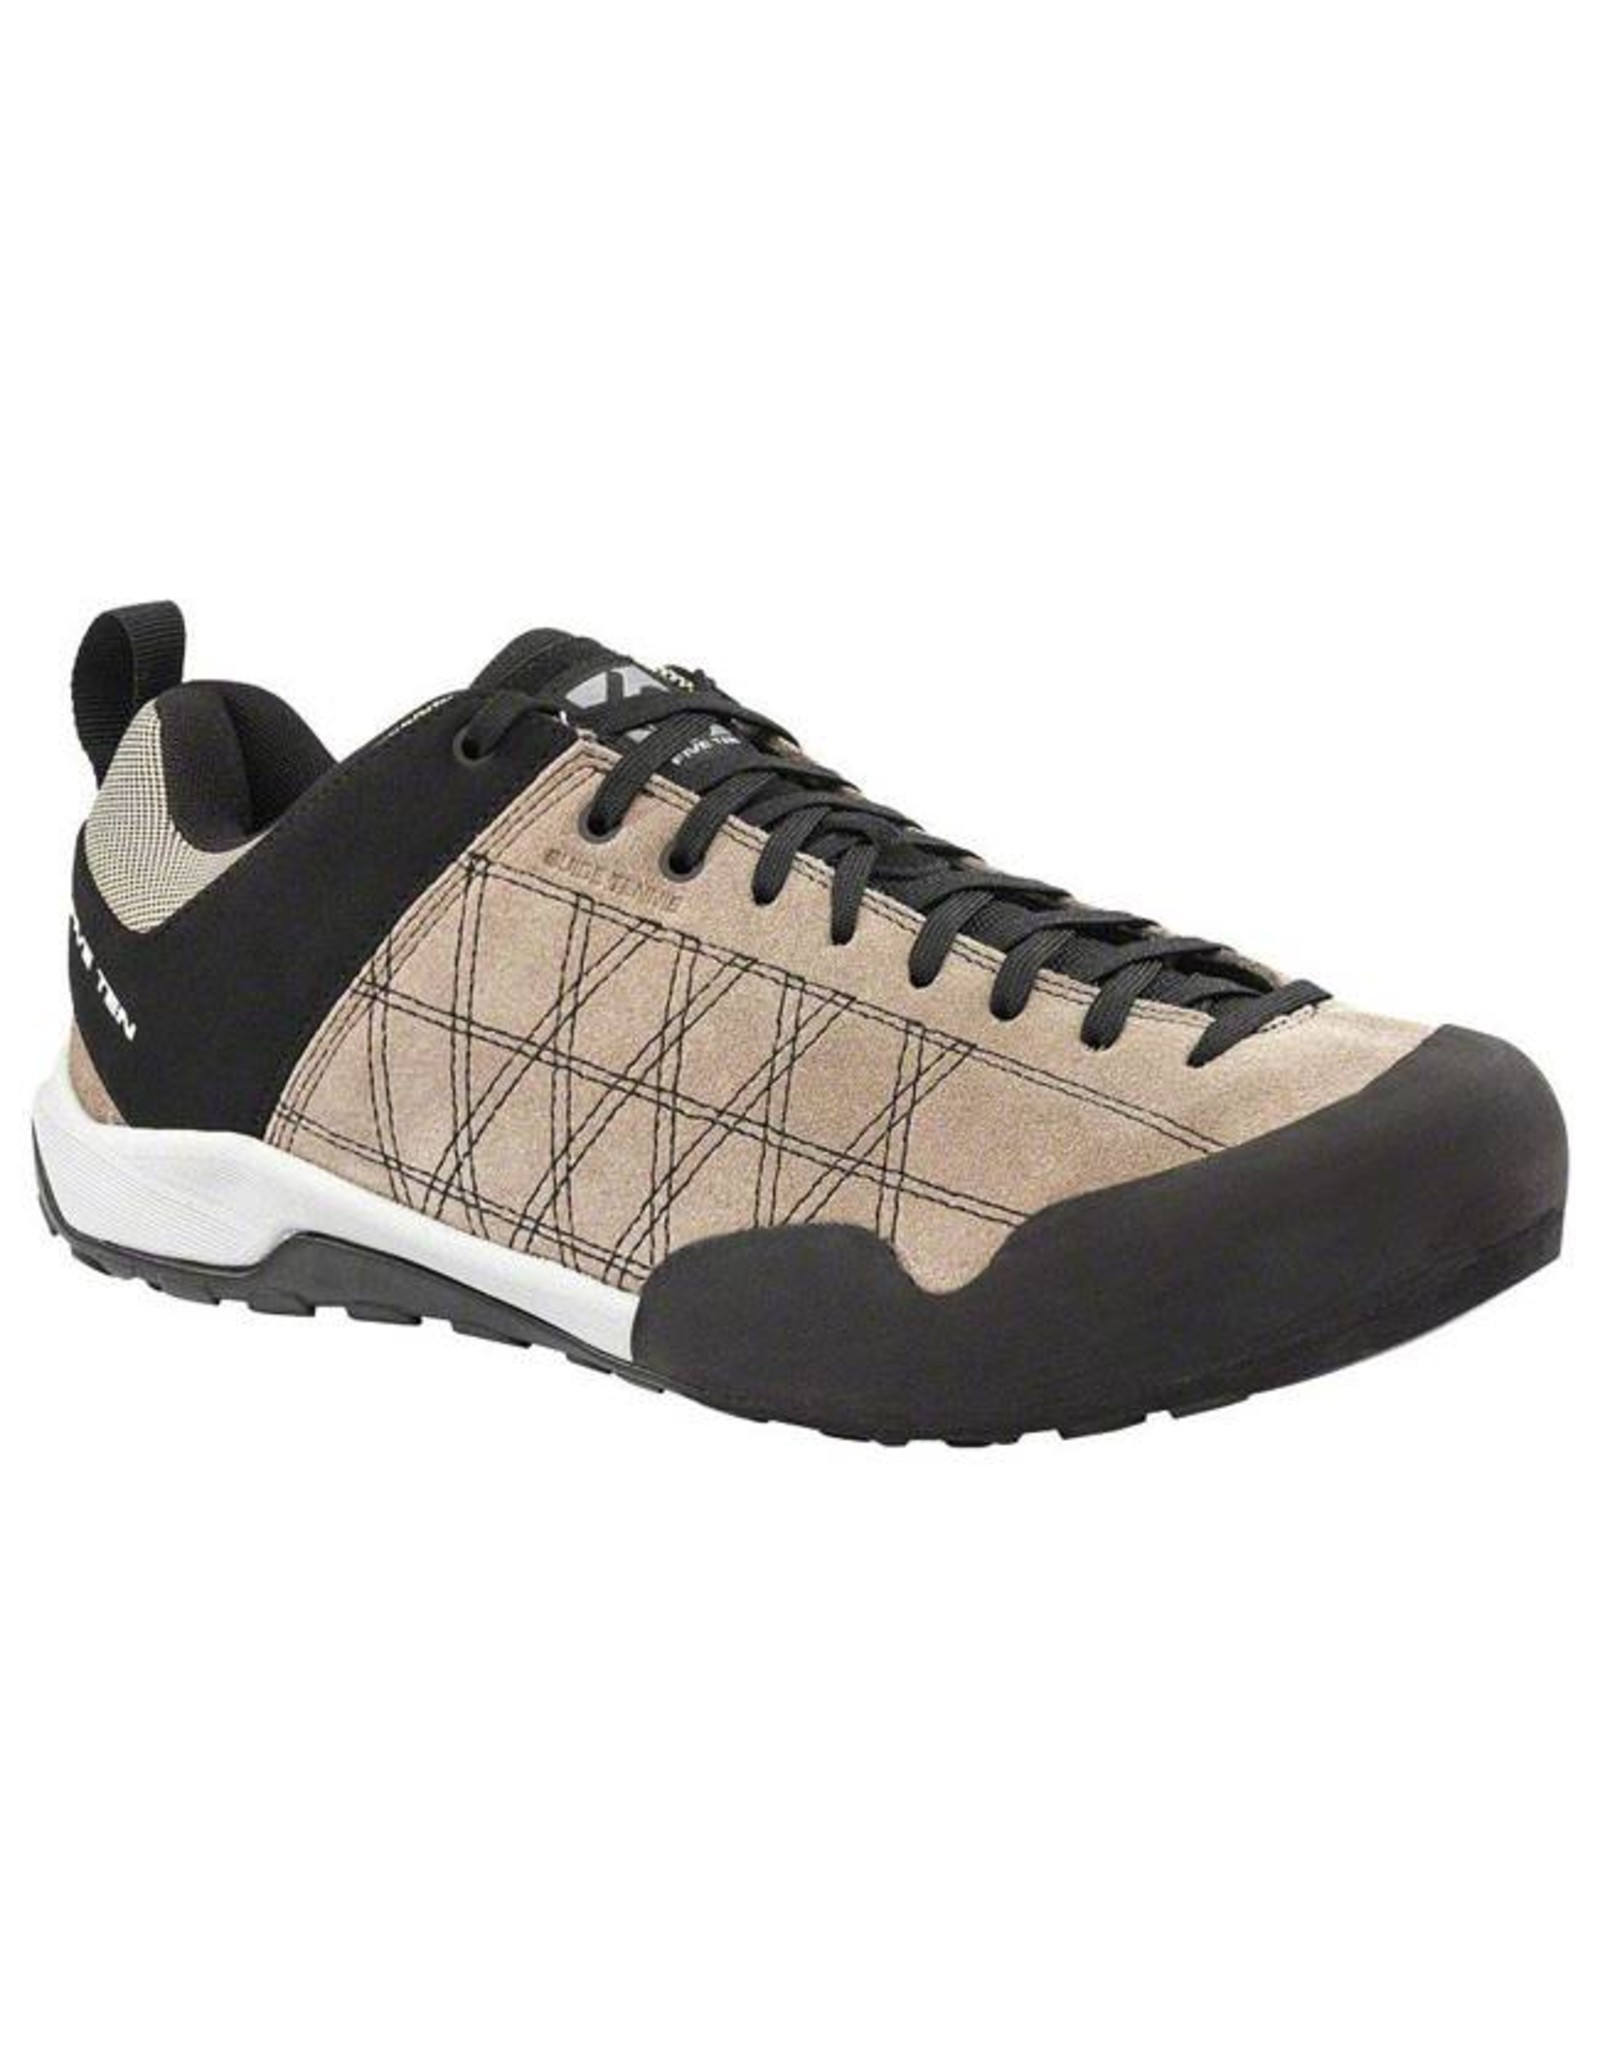 Five Ten Five Ten Guide Tennie Men's Approach Shoe: Twine 10.5